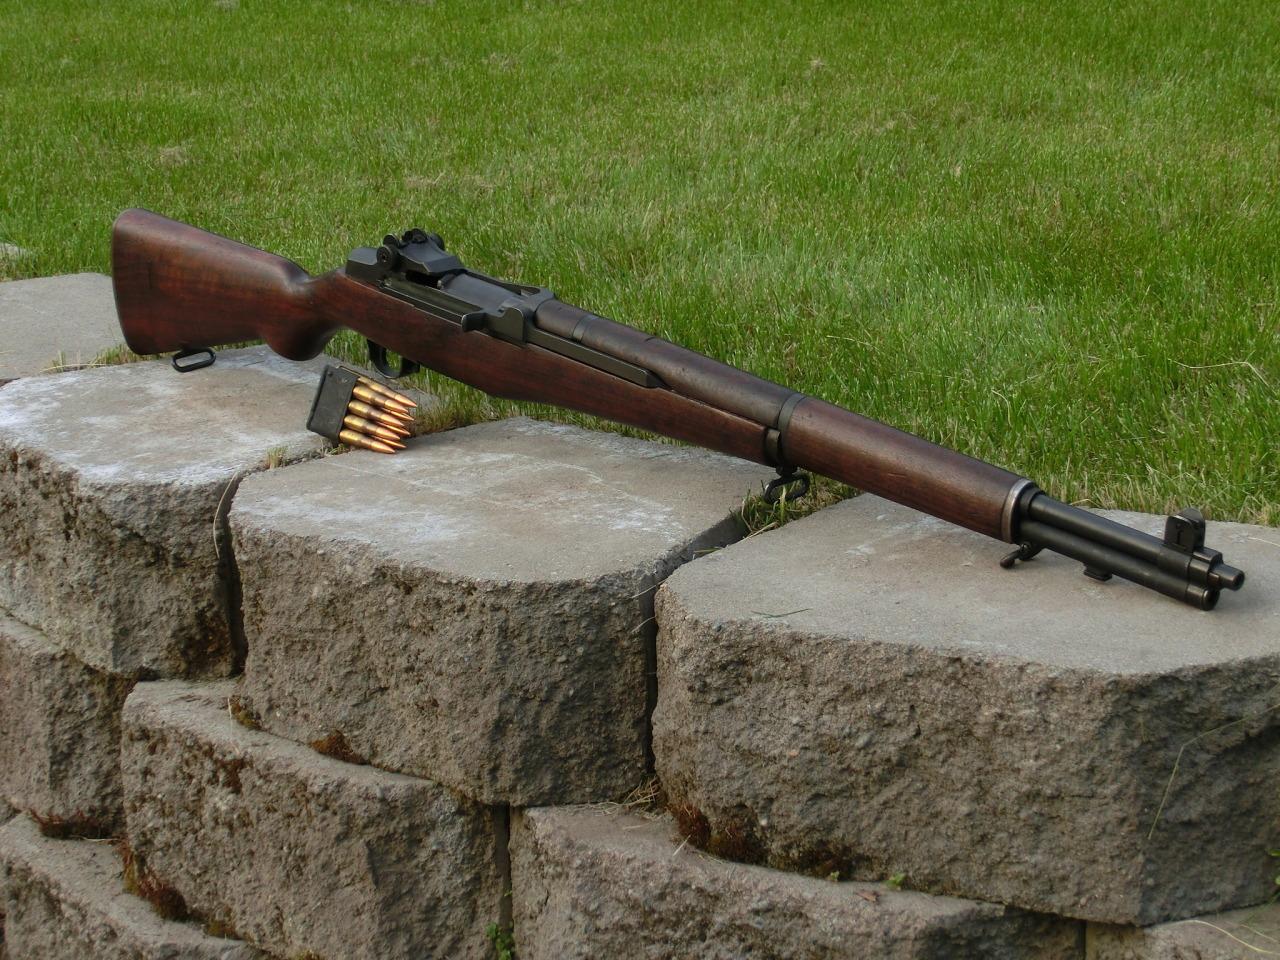 加德兰步枪图片_令无数军迷着迷的美军M1加兰德射击过程